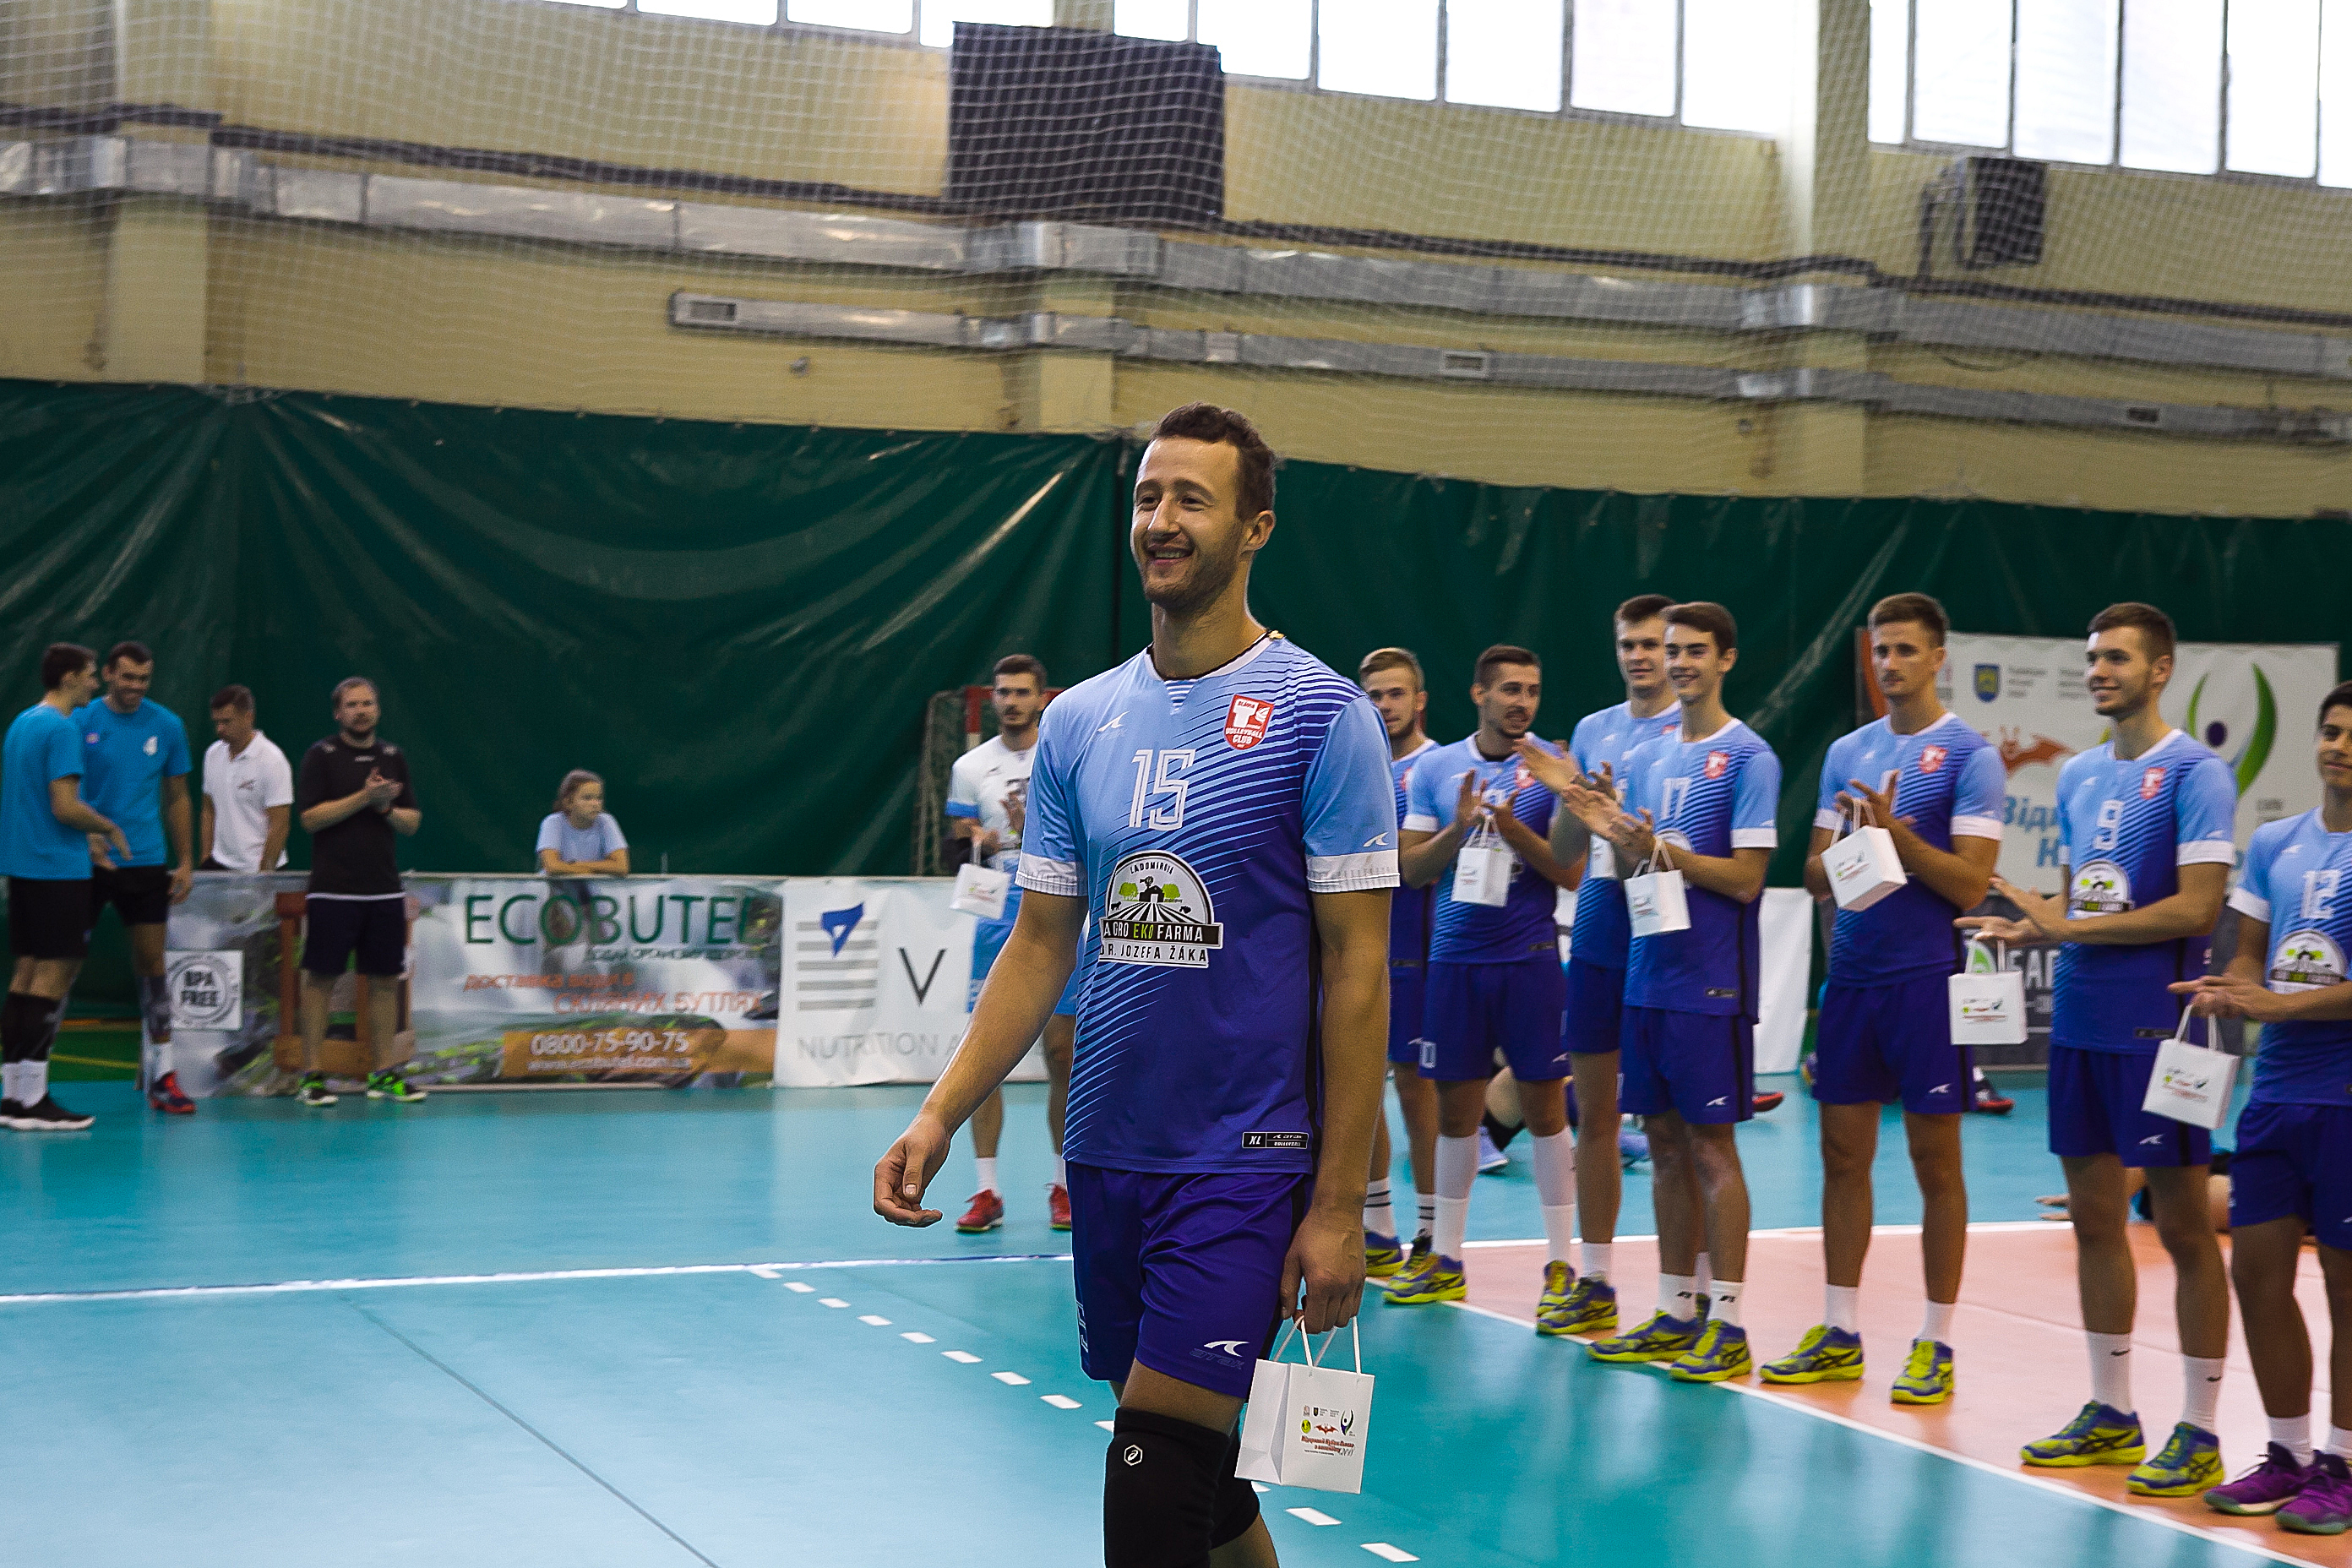 Відкритий Кубок Львова з волейболу 2018. ФОТОЗВІТ - 78